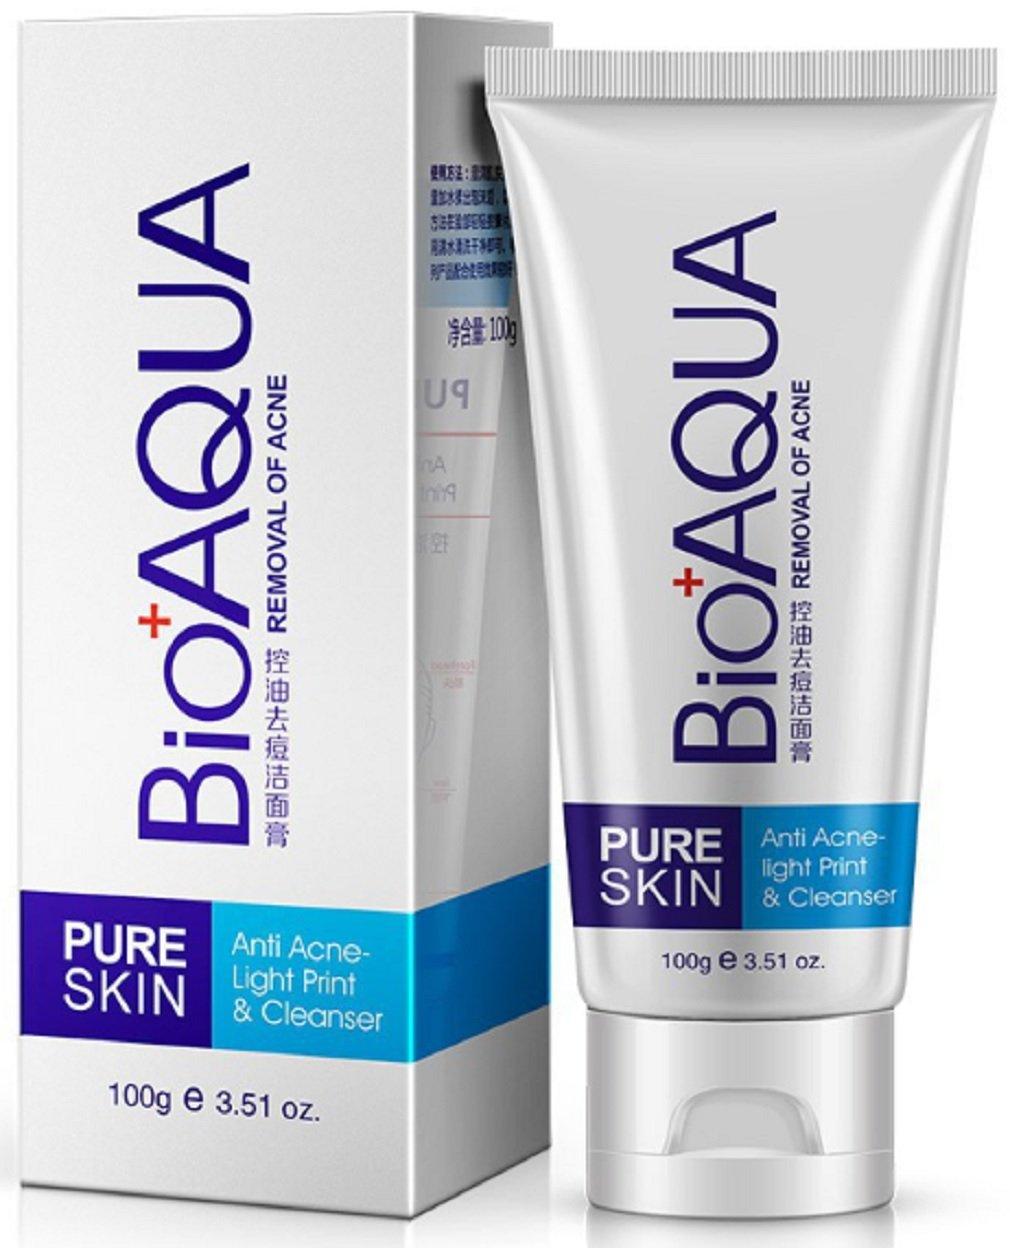 BIOAQUA PURESKIN- Anti Acne Cleanser & Facial Cleanser Acne Treatment Blackhead Skin Cleaner Acne Remover Face Care – {100g} PrimeStellar